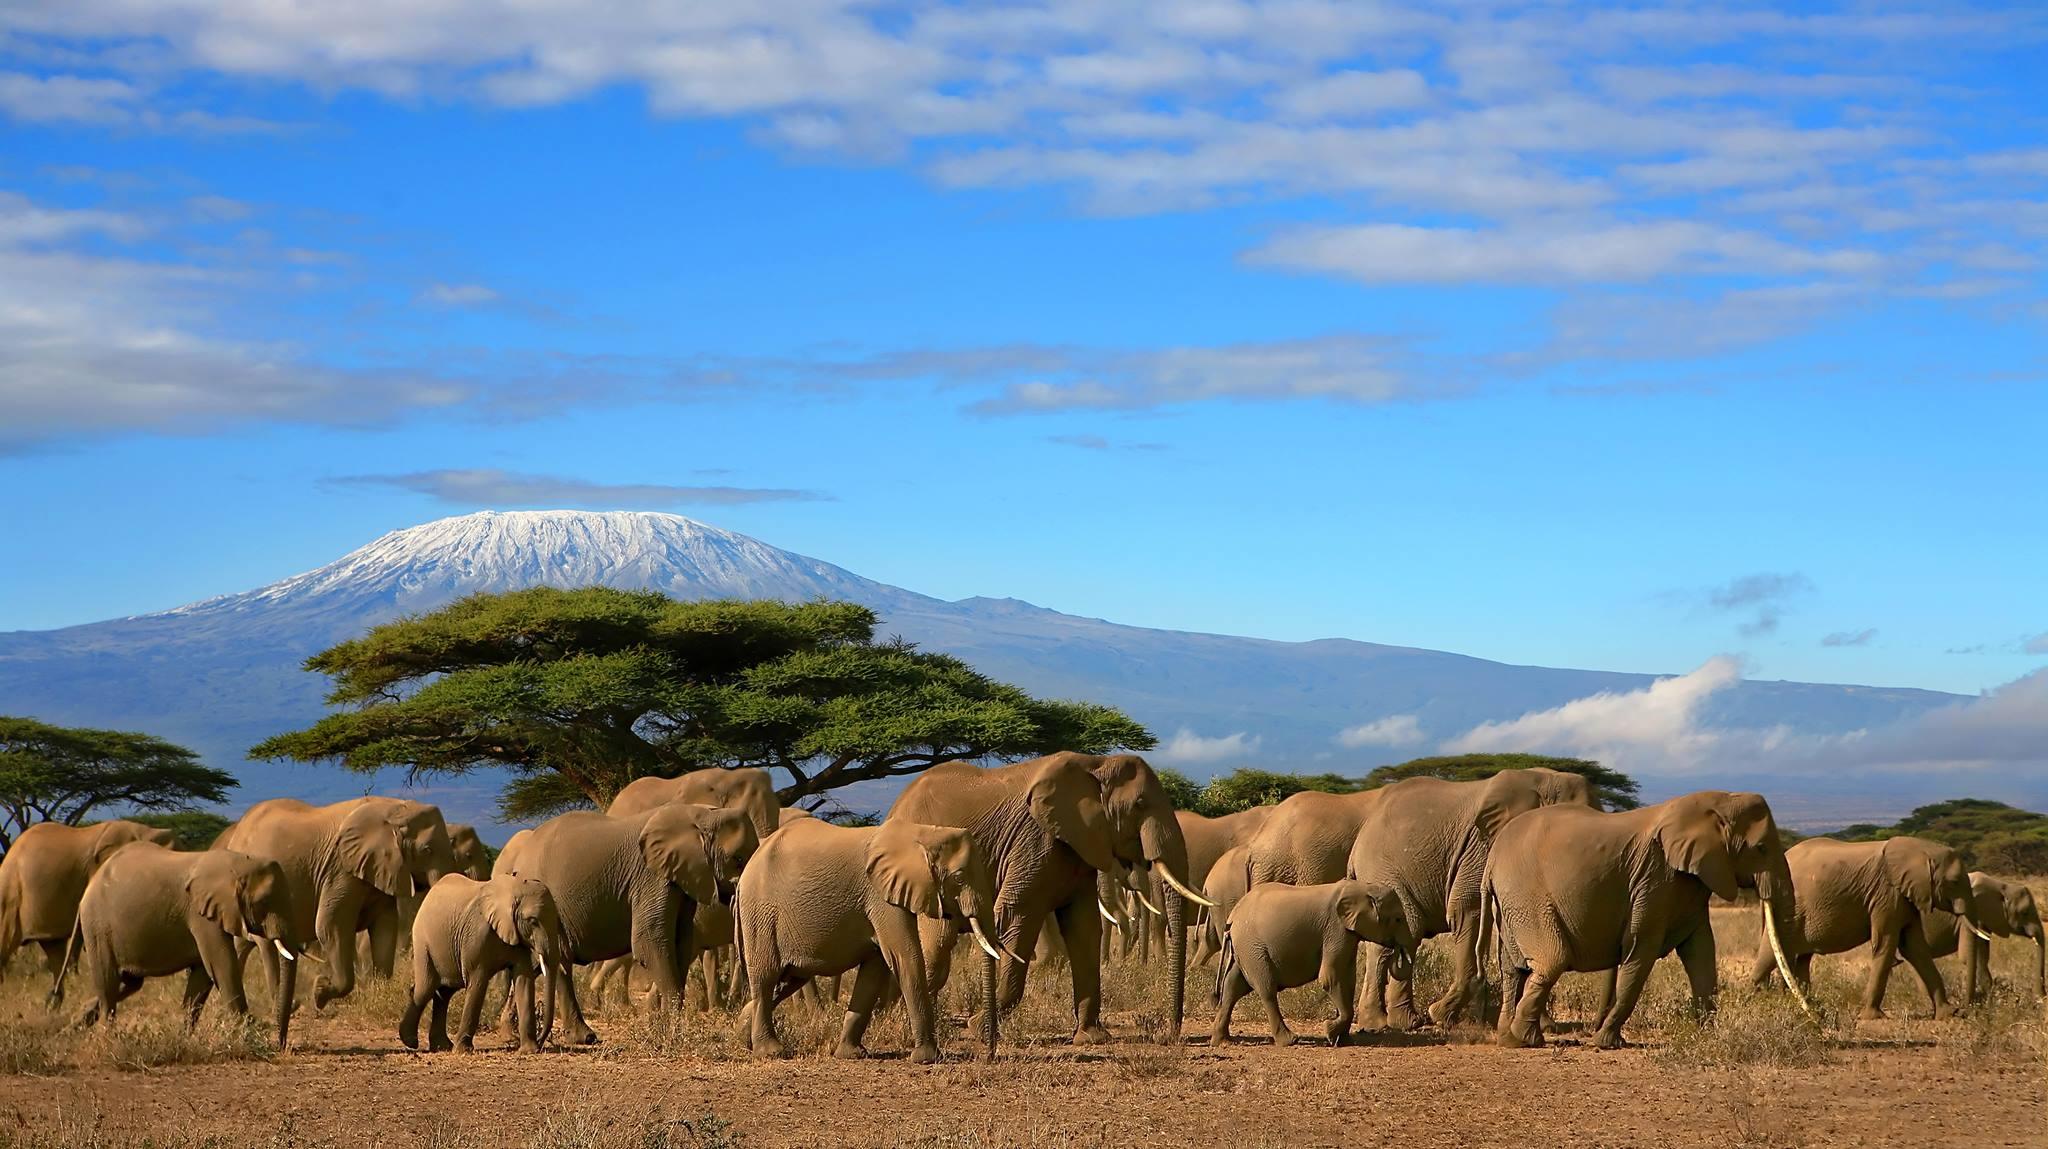 mount-kilimanjaro-secret-world